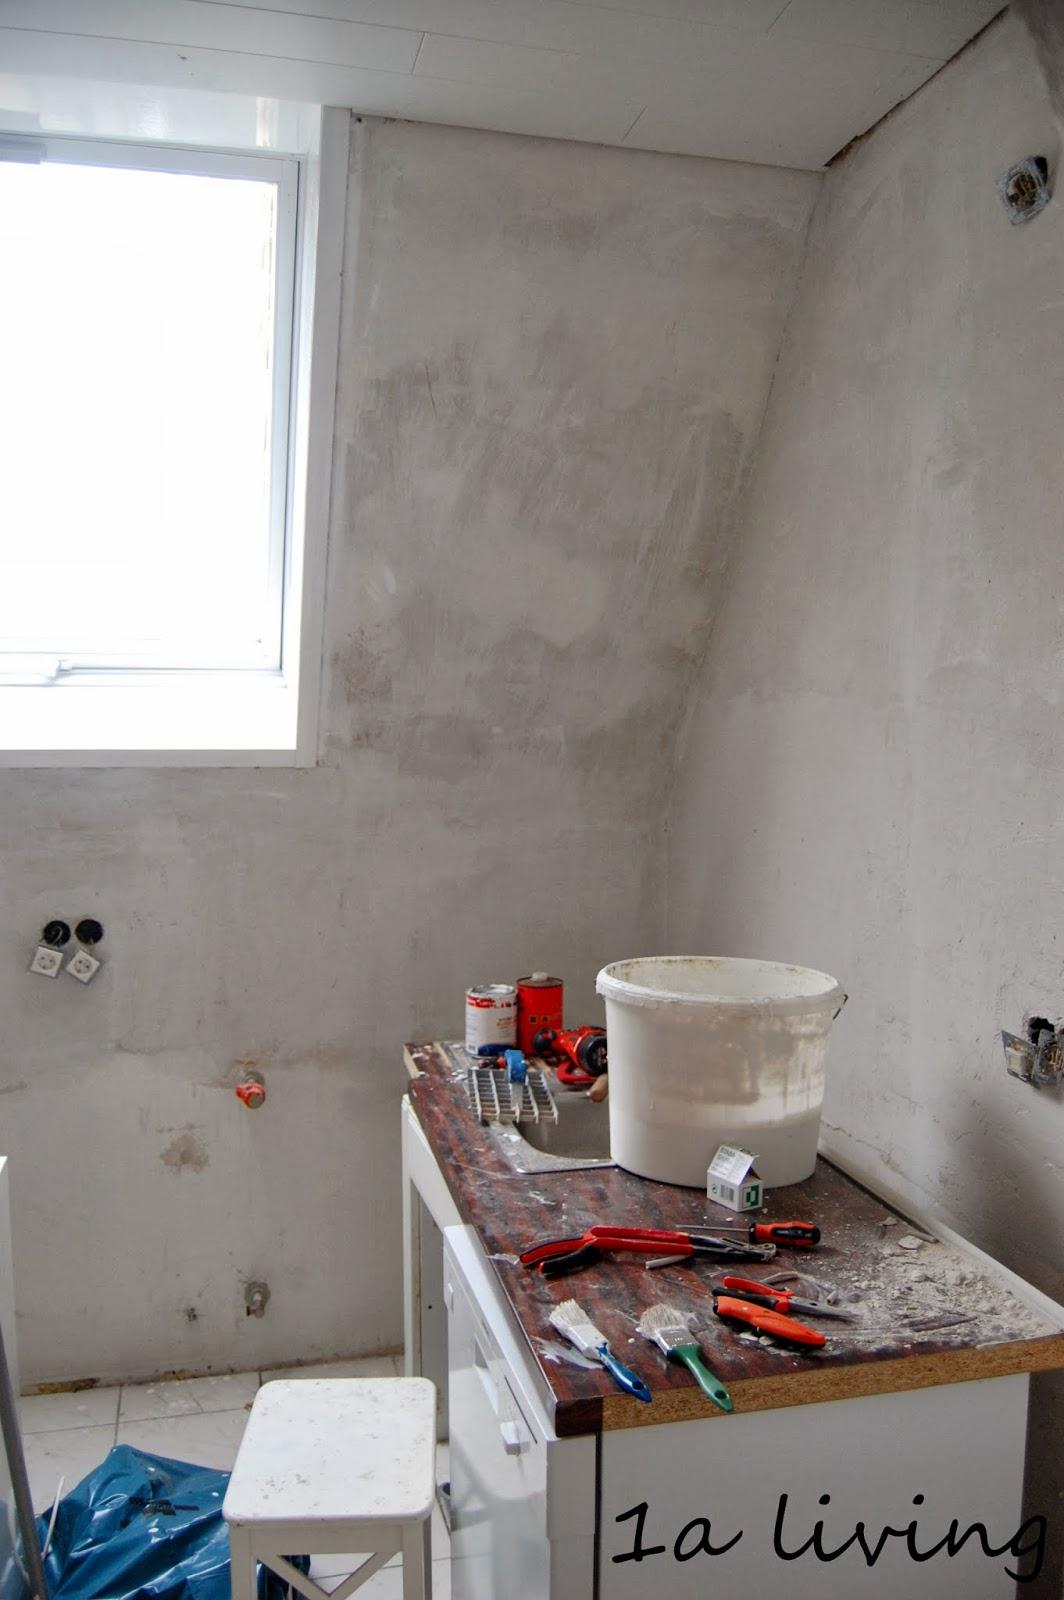 1a living: Grüße von der Küchenbaustelle